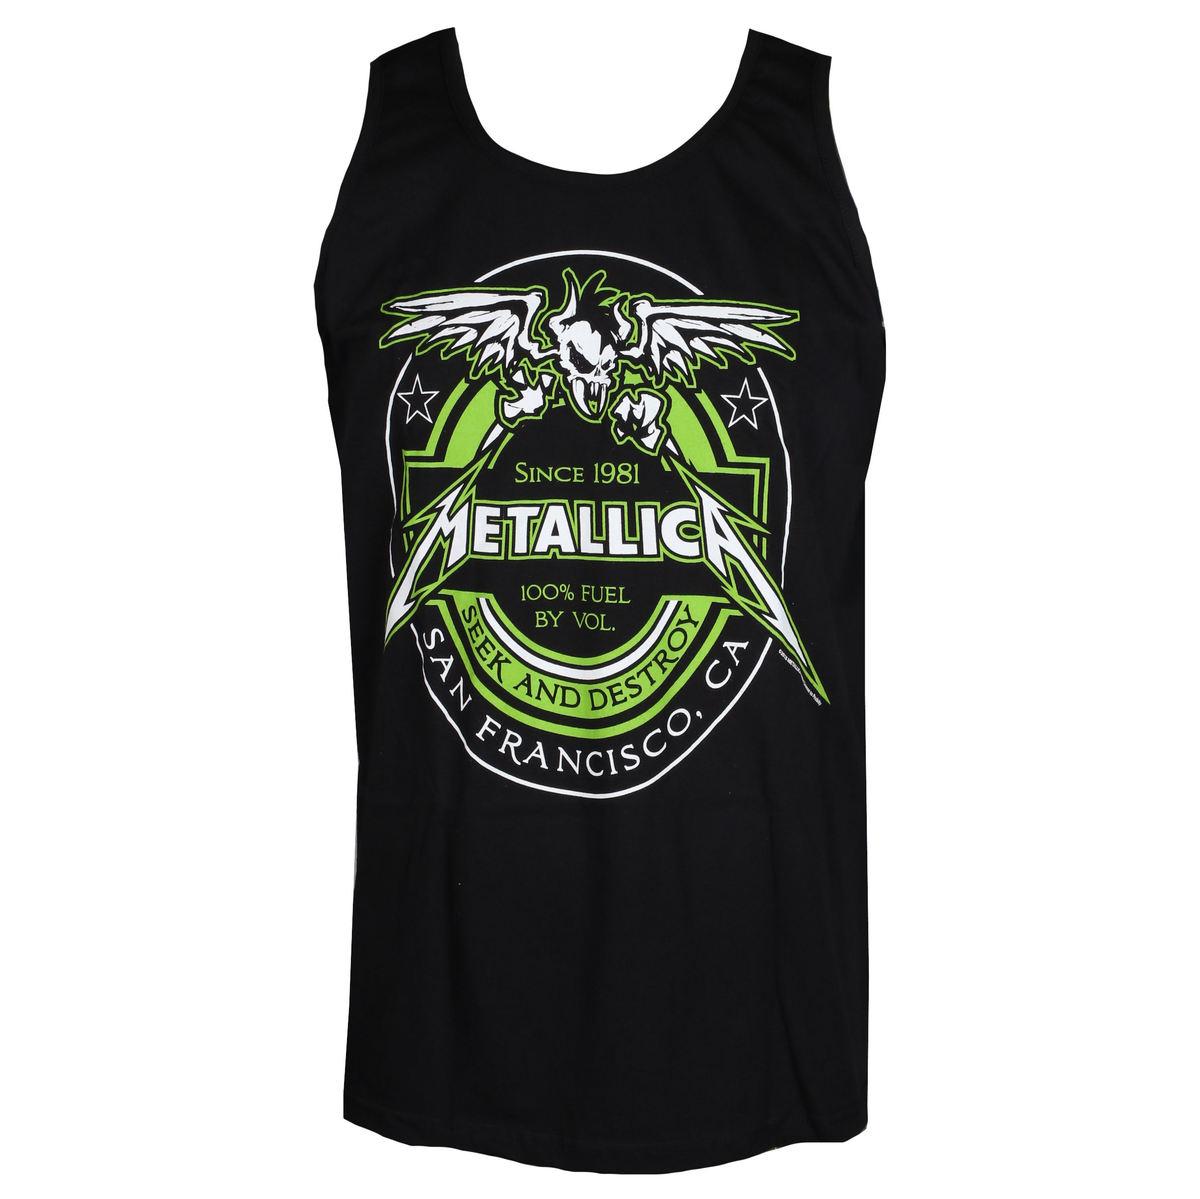 51569d99c46 Men's tank top Metallica - 100% Fuel - Black - RTMTLVEBFUEL-2 ...